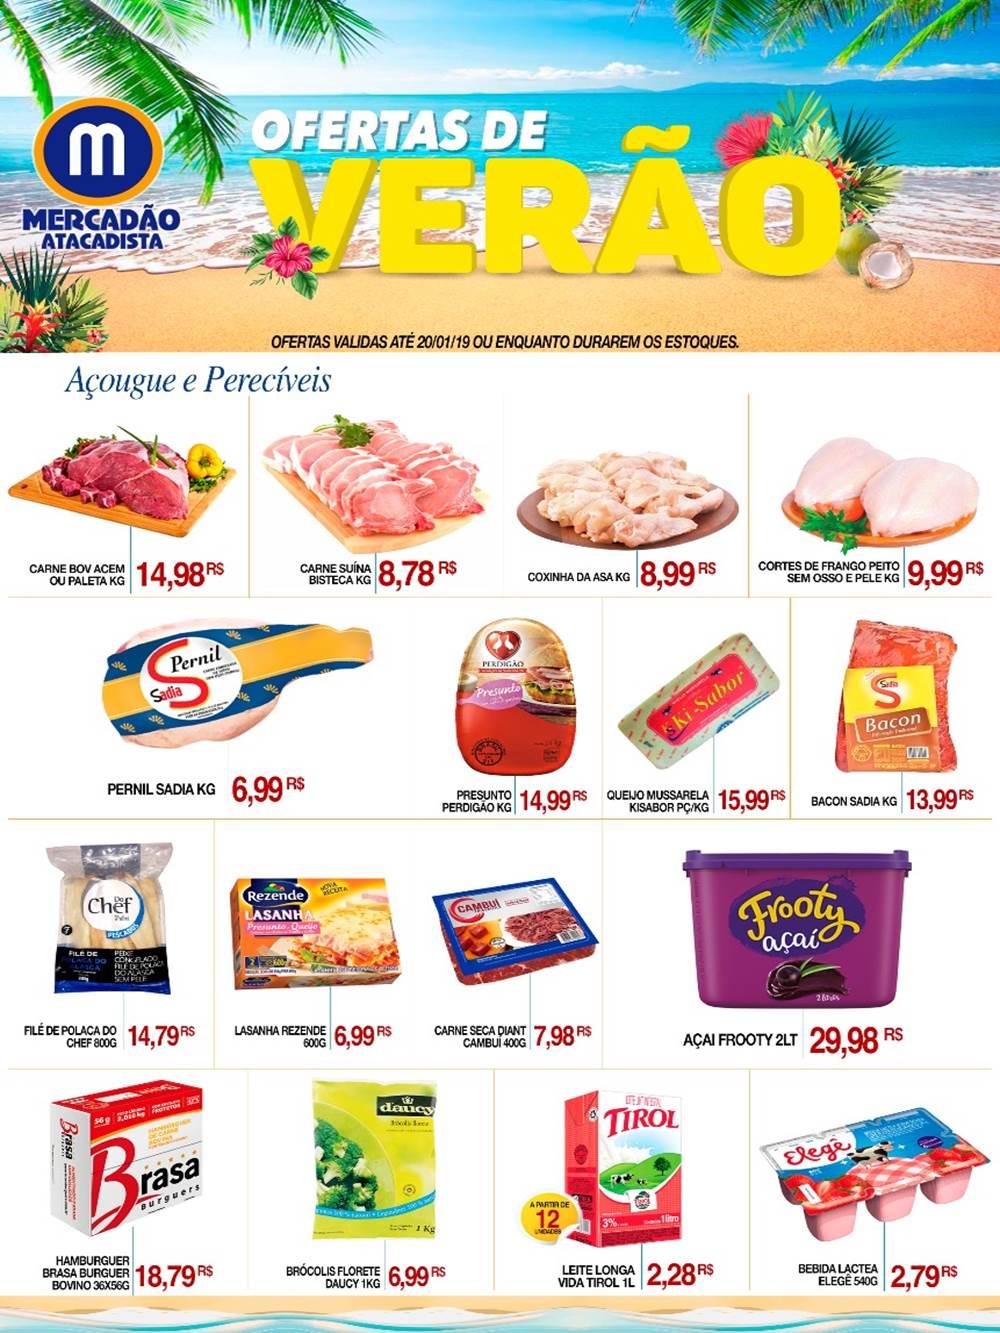 Ofertas-mercadao1-2 Ofertas de Supermercados - Economize!